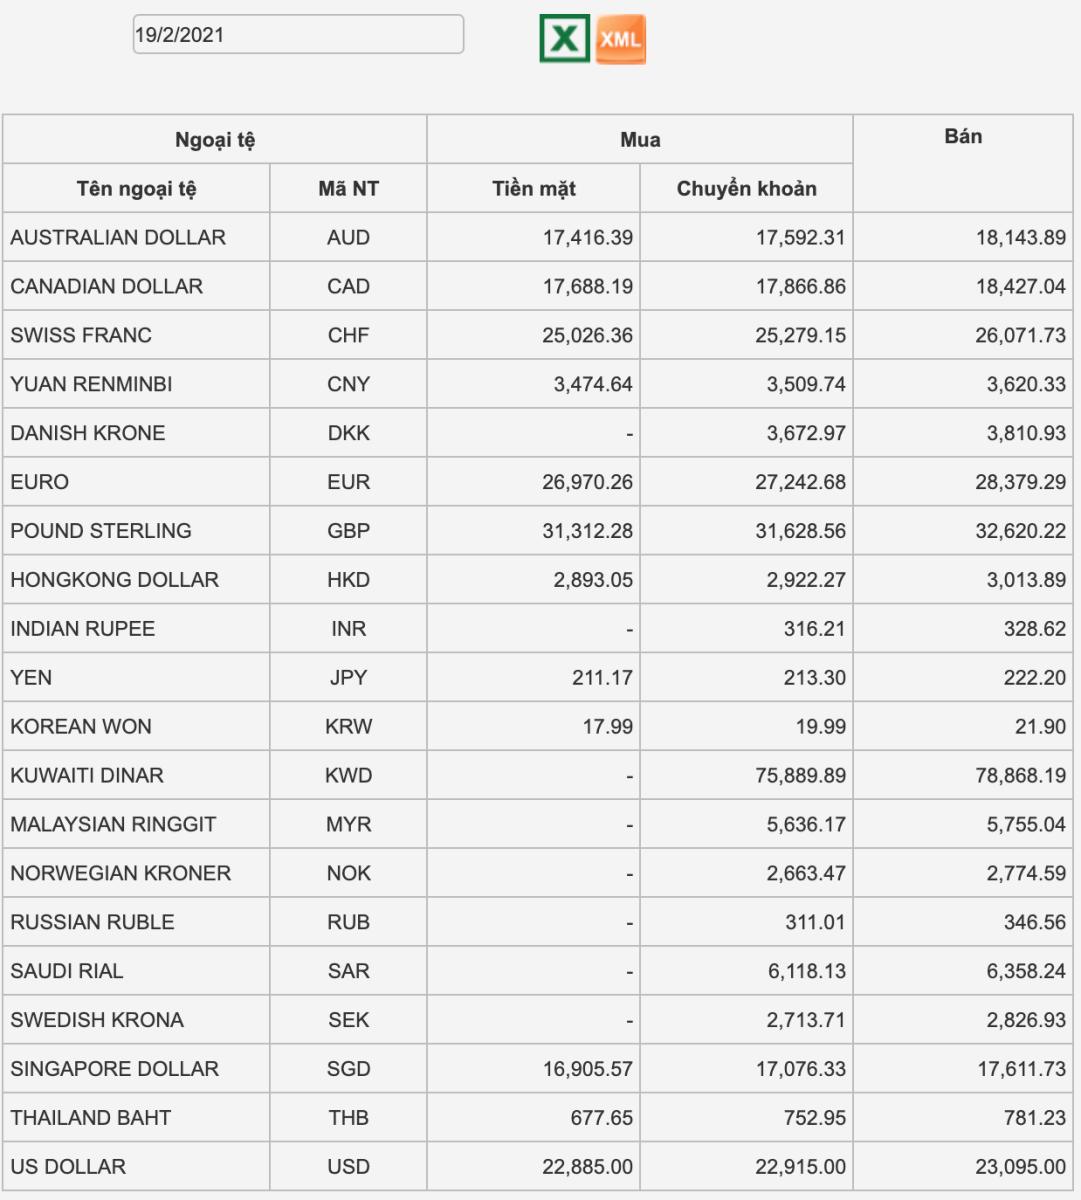 Tỷ giá Vietcombank hôm nay 19/2: USD tăng nhẹ trở lại